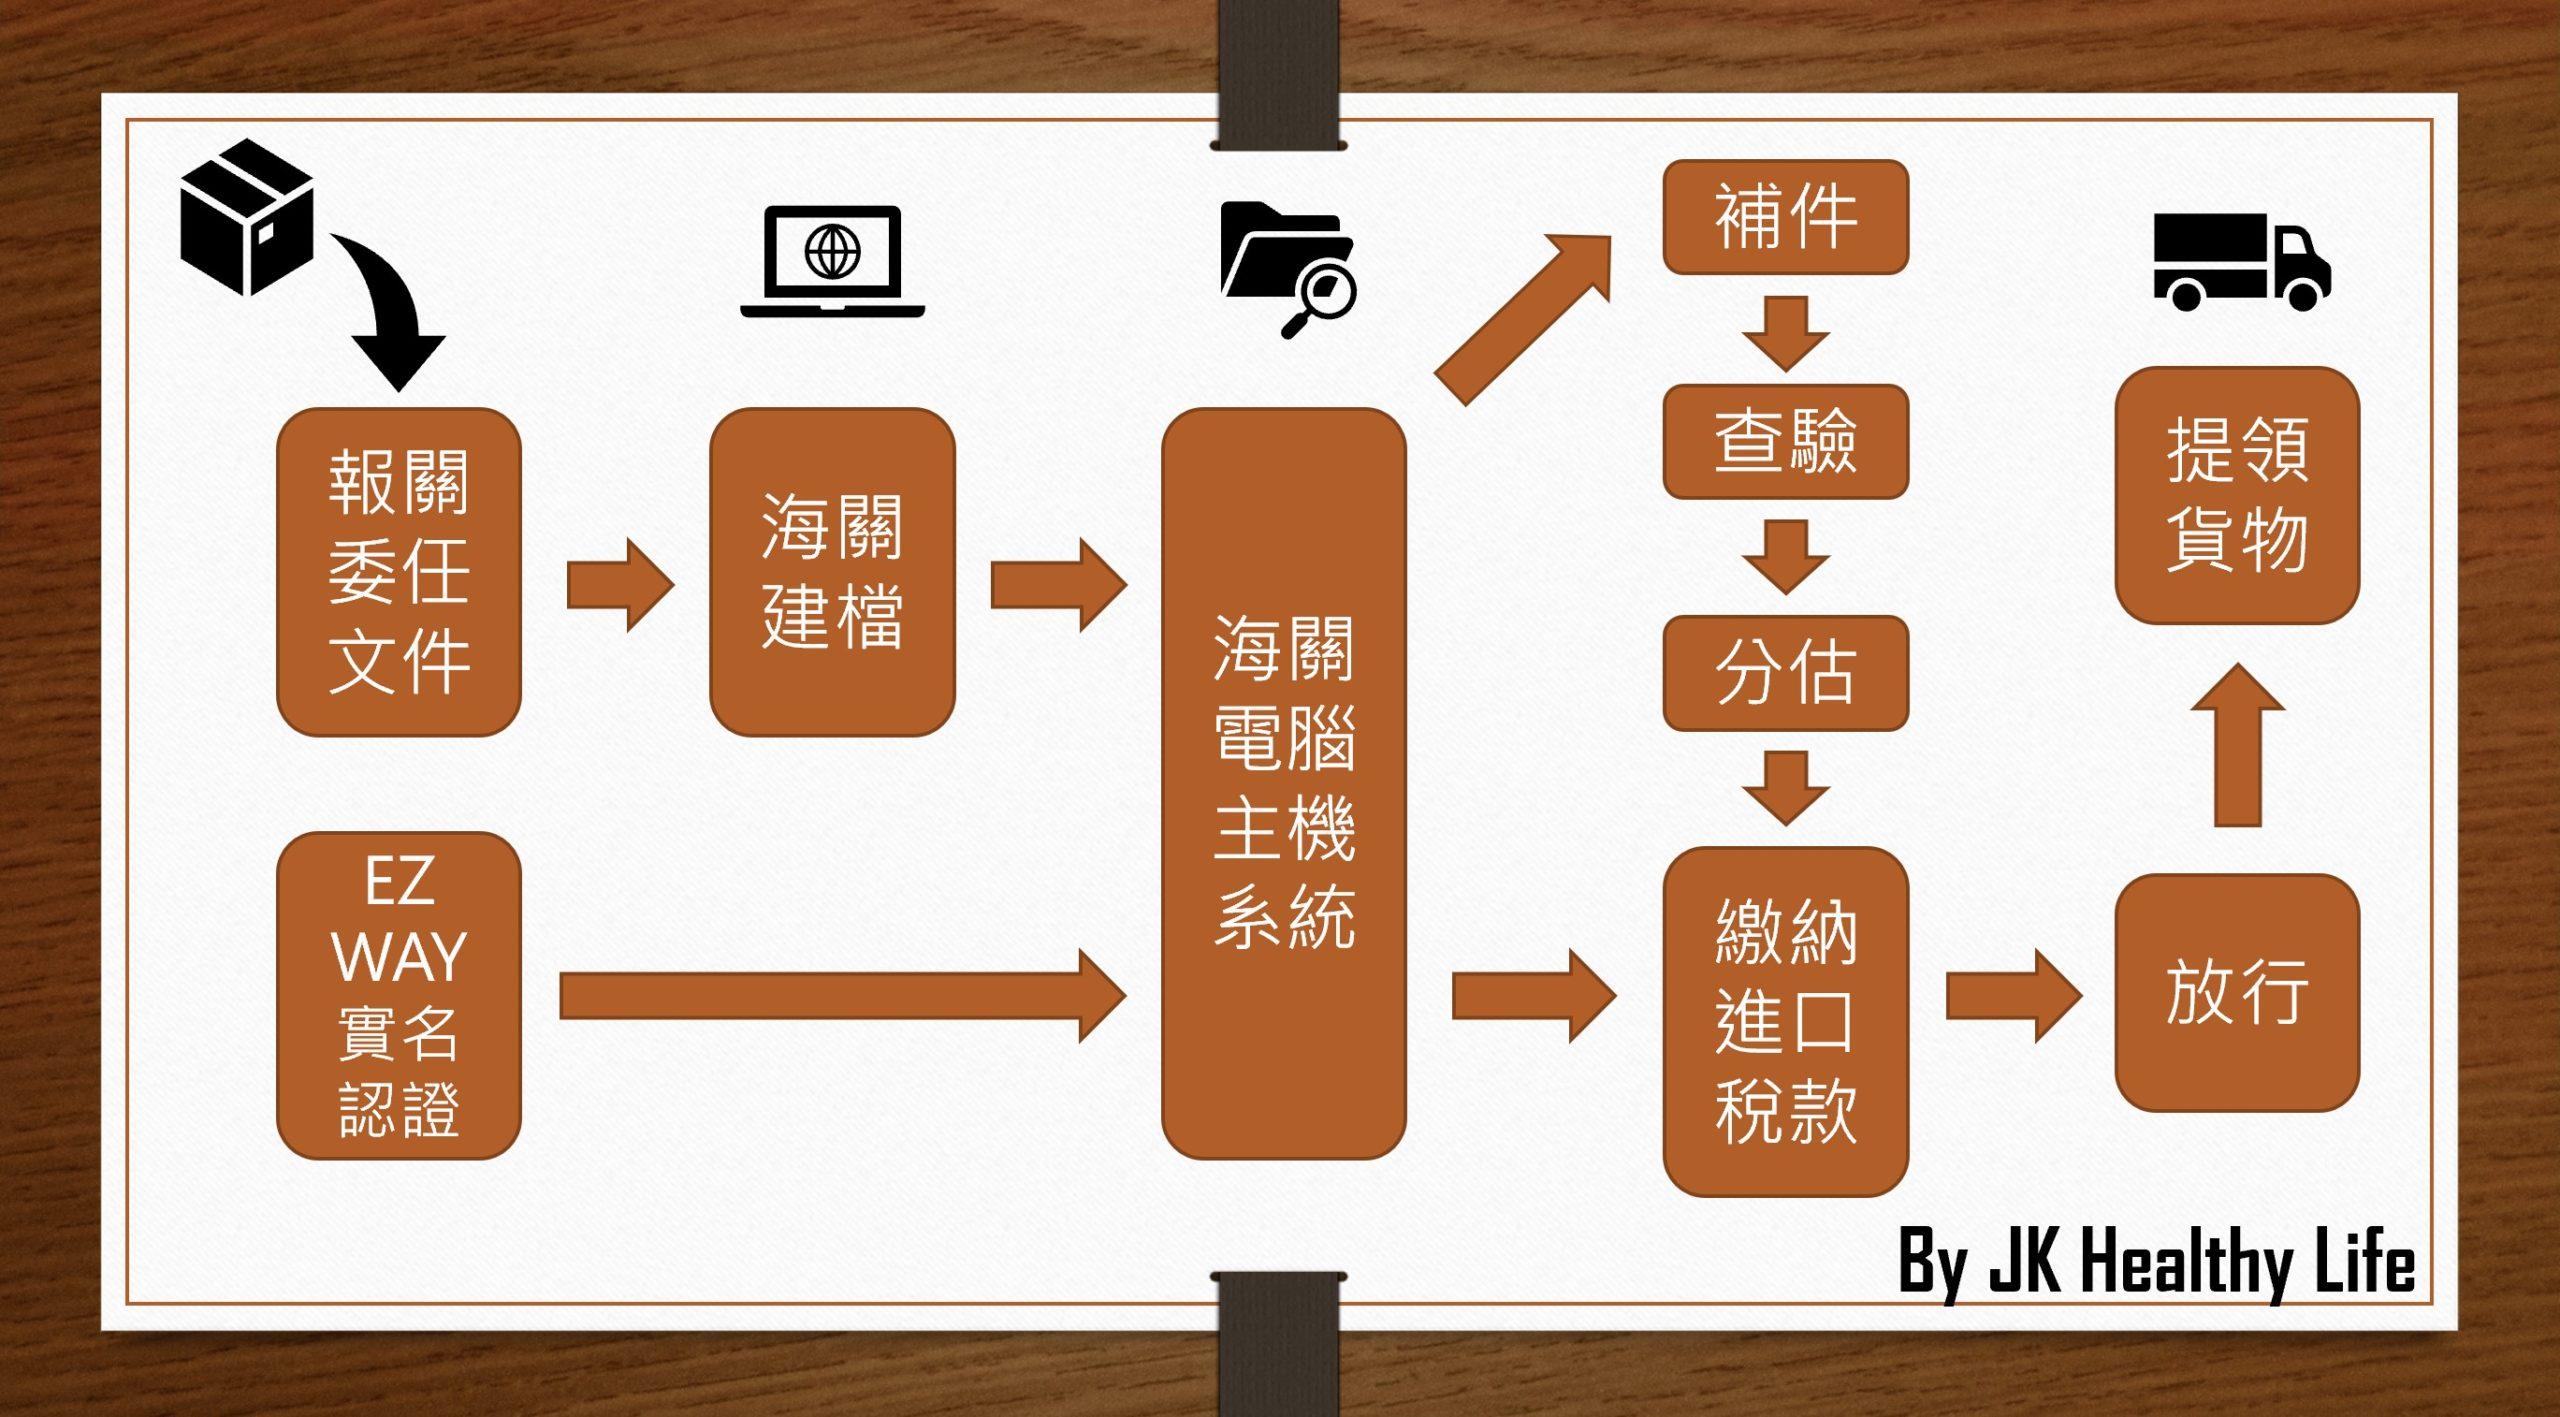 進口海關流程簡易圖